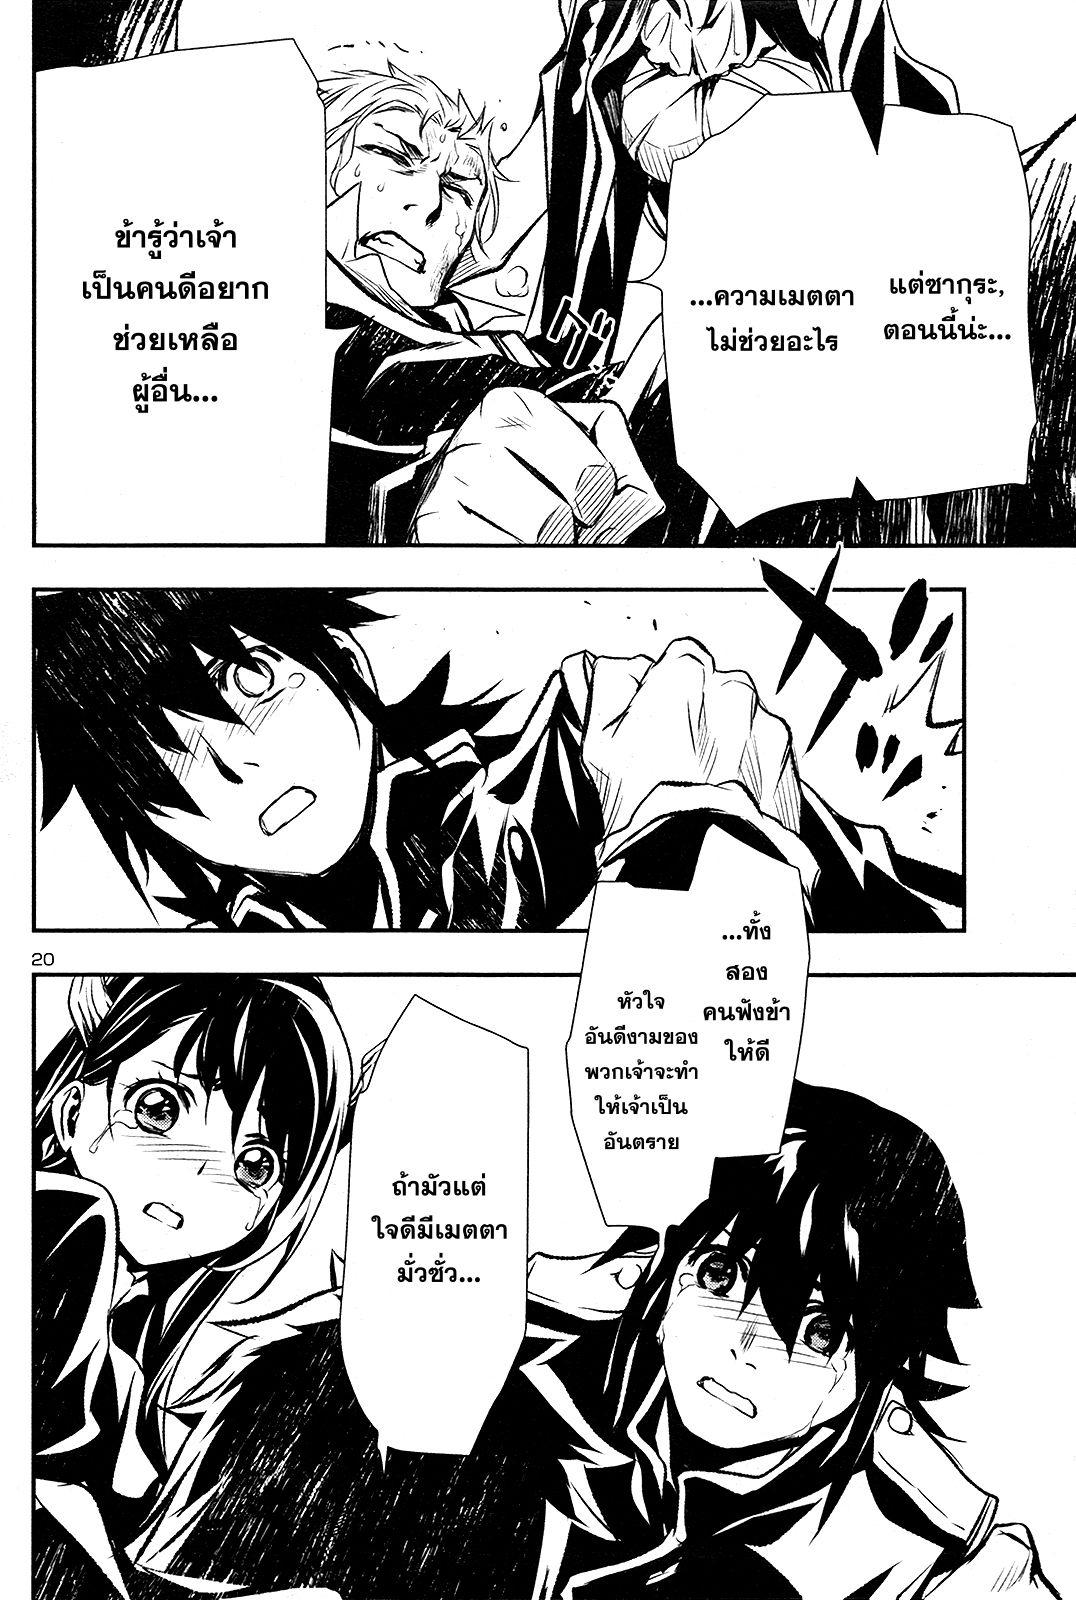 อ่านการ์ตูน Shinju no Nectar ตอนที่ 4 หน้าที่ 20